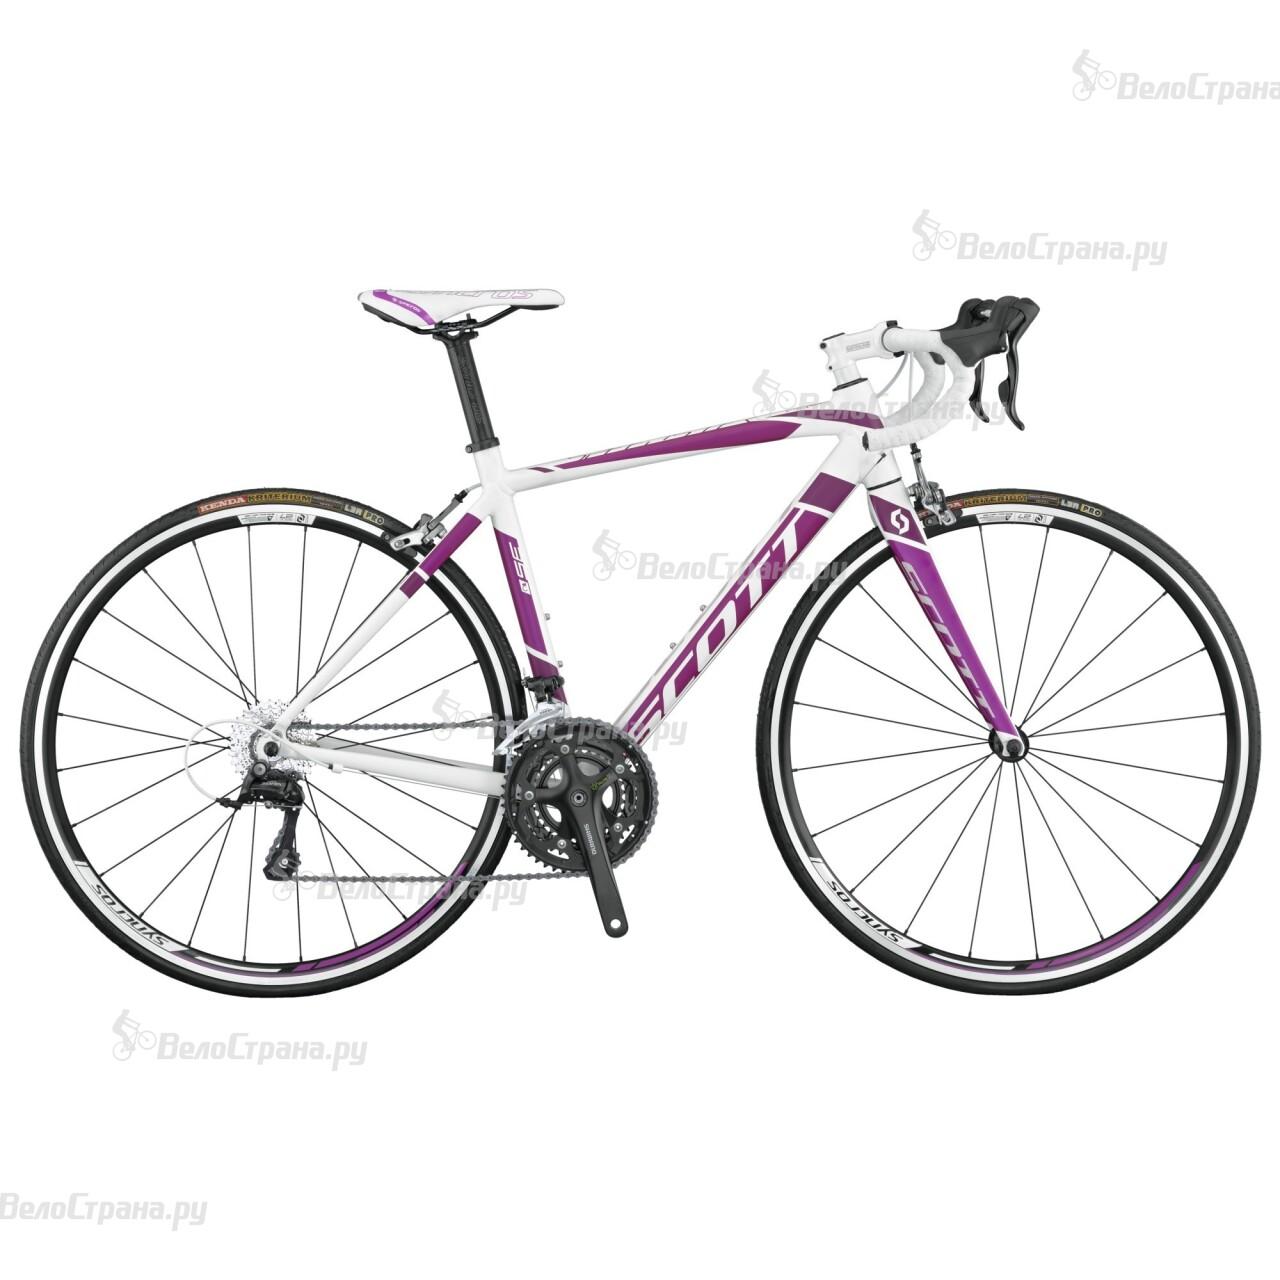 Велосипед Scott Contessa Speedster 35 (2015) велосипед scott contessa speedster 15 2015